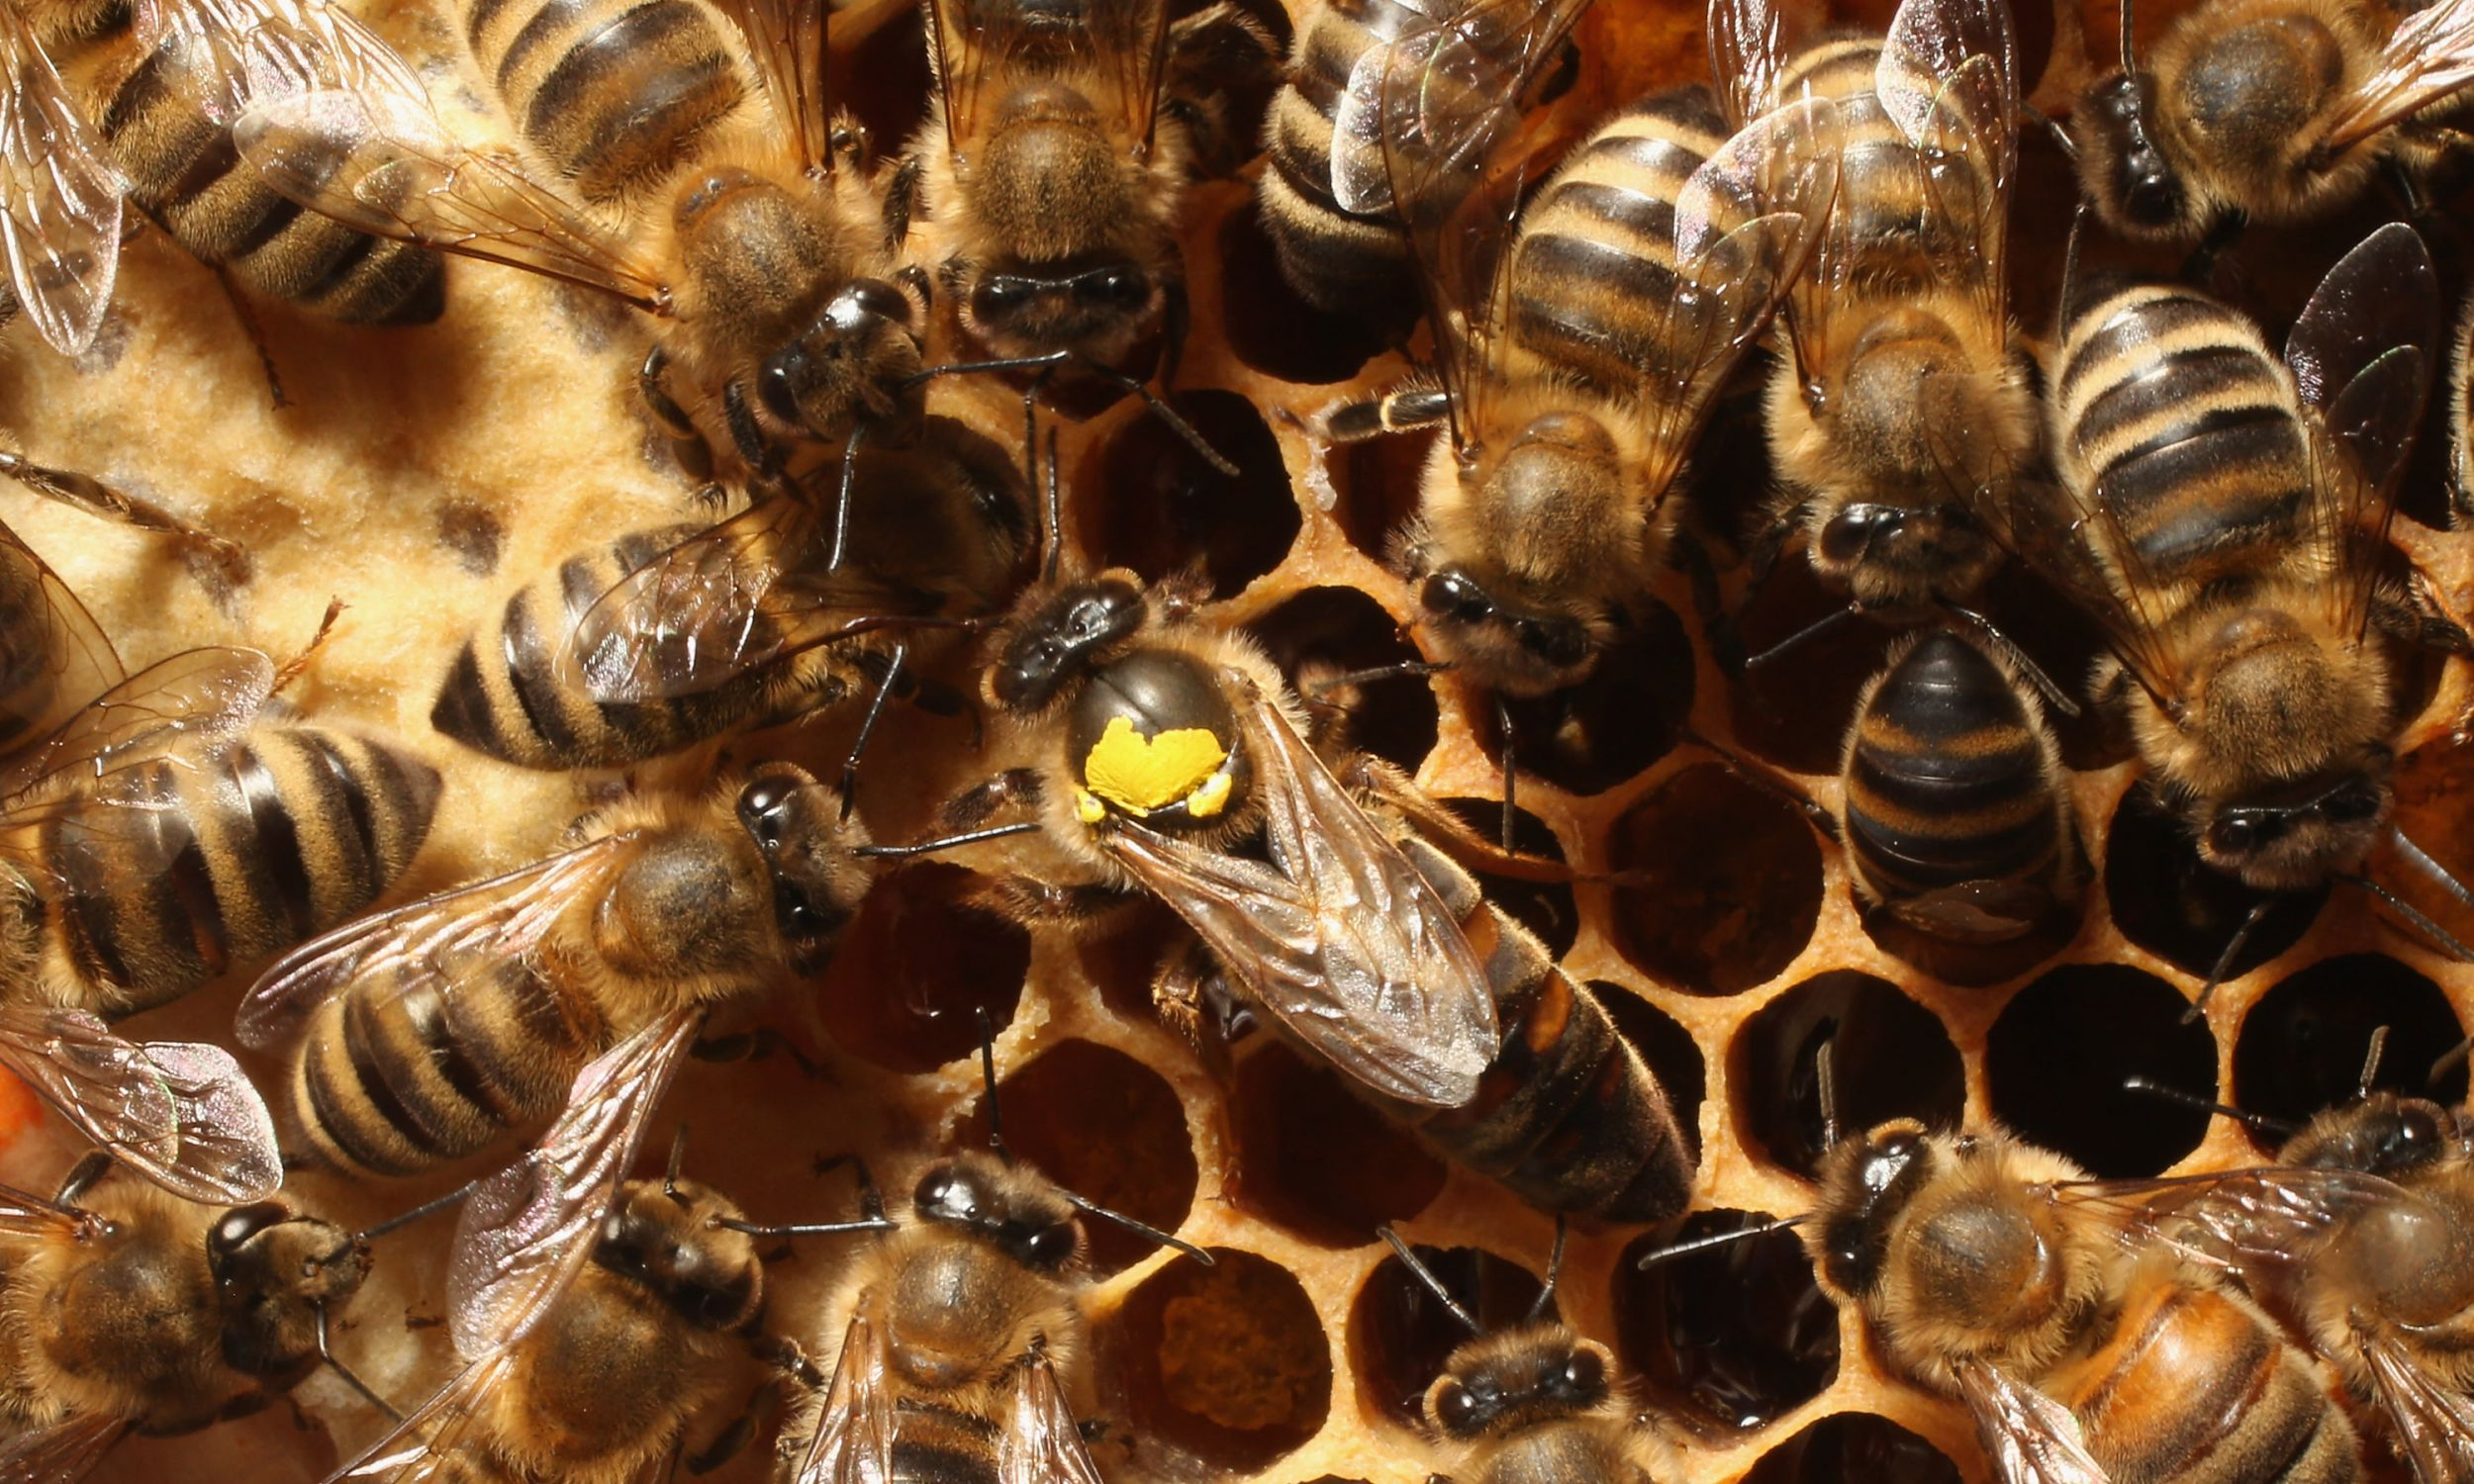 W kontekście gender można rozpatrywać pszczoły:  królowa kontra robotnice, czyli niby ta sama płeć genetyczna, a jednak zupełnie inne stymulacje hormonalne i społeczne powodują, że nie tylko rola w procesie reprodukcji, ale nawet pokrój ciała są tu dość odmienne. Na zdjęciu robotnice otaczają królową zaznaczoną żółtym punktem. Fot. Sean Gallup/Getty Images